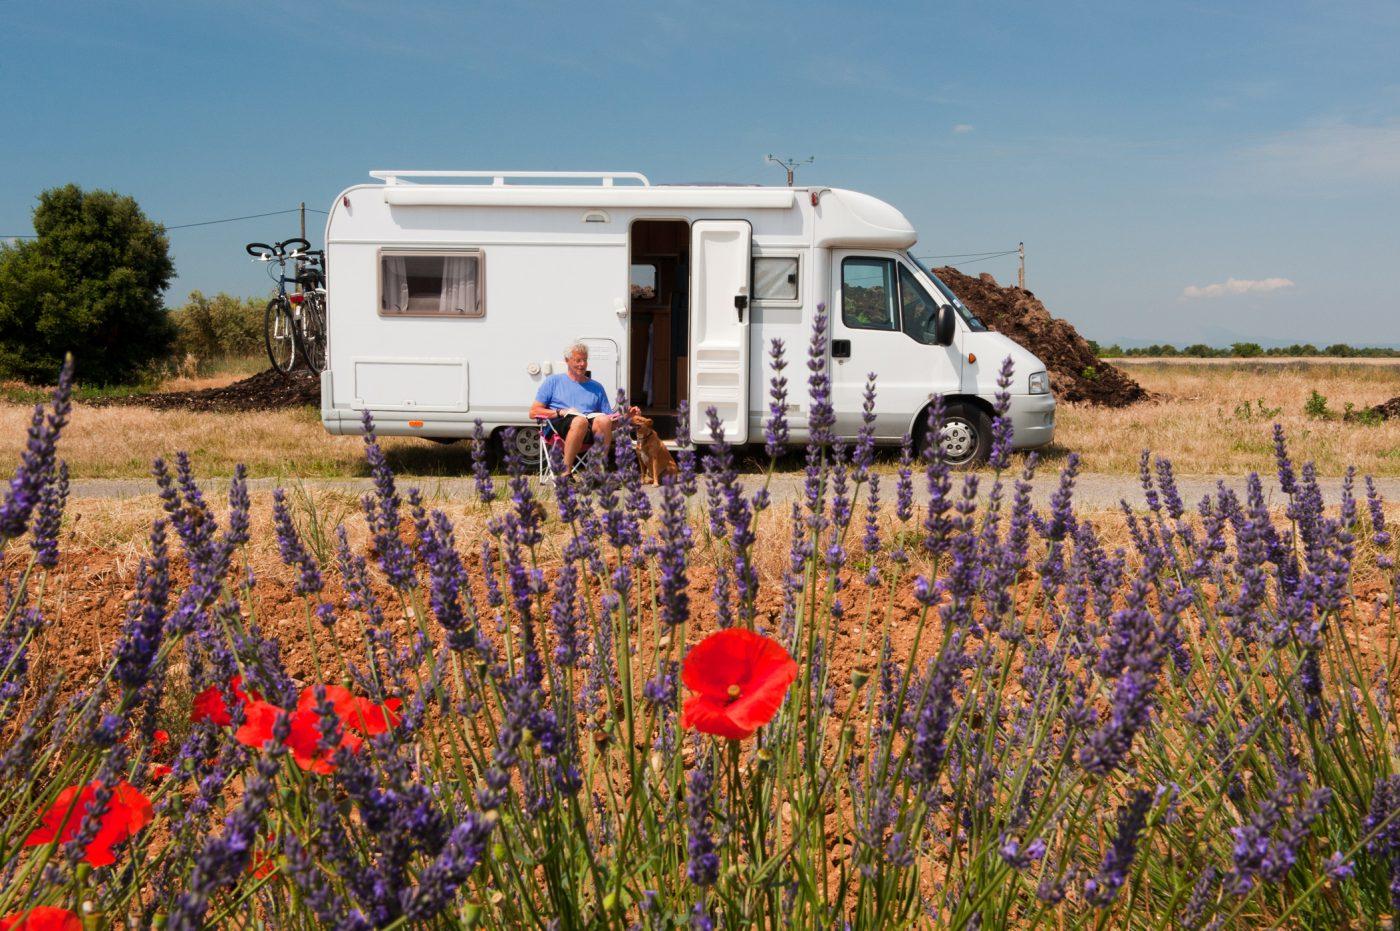 Wohnmobil steht vor einem Lavendelfeld in der Provence